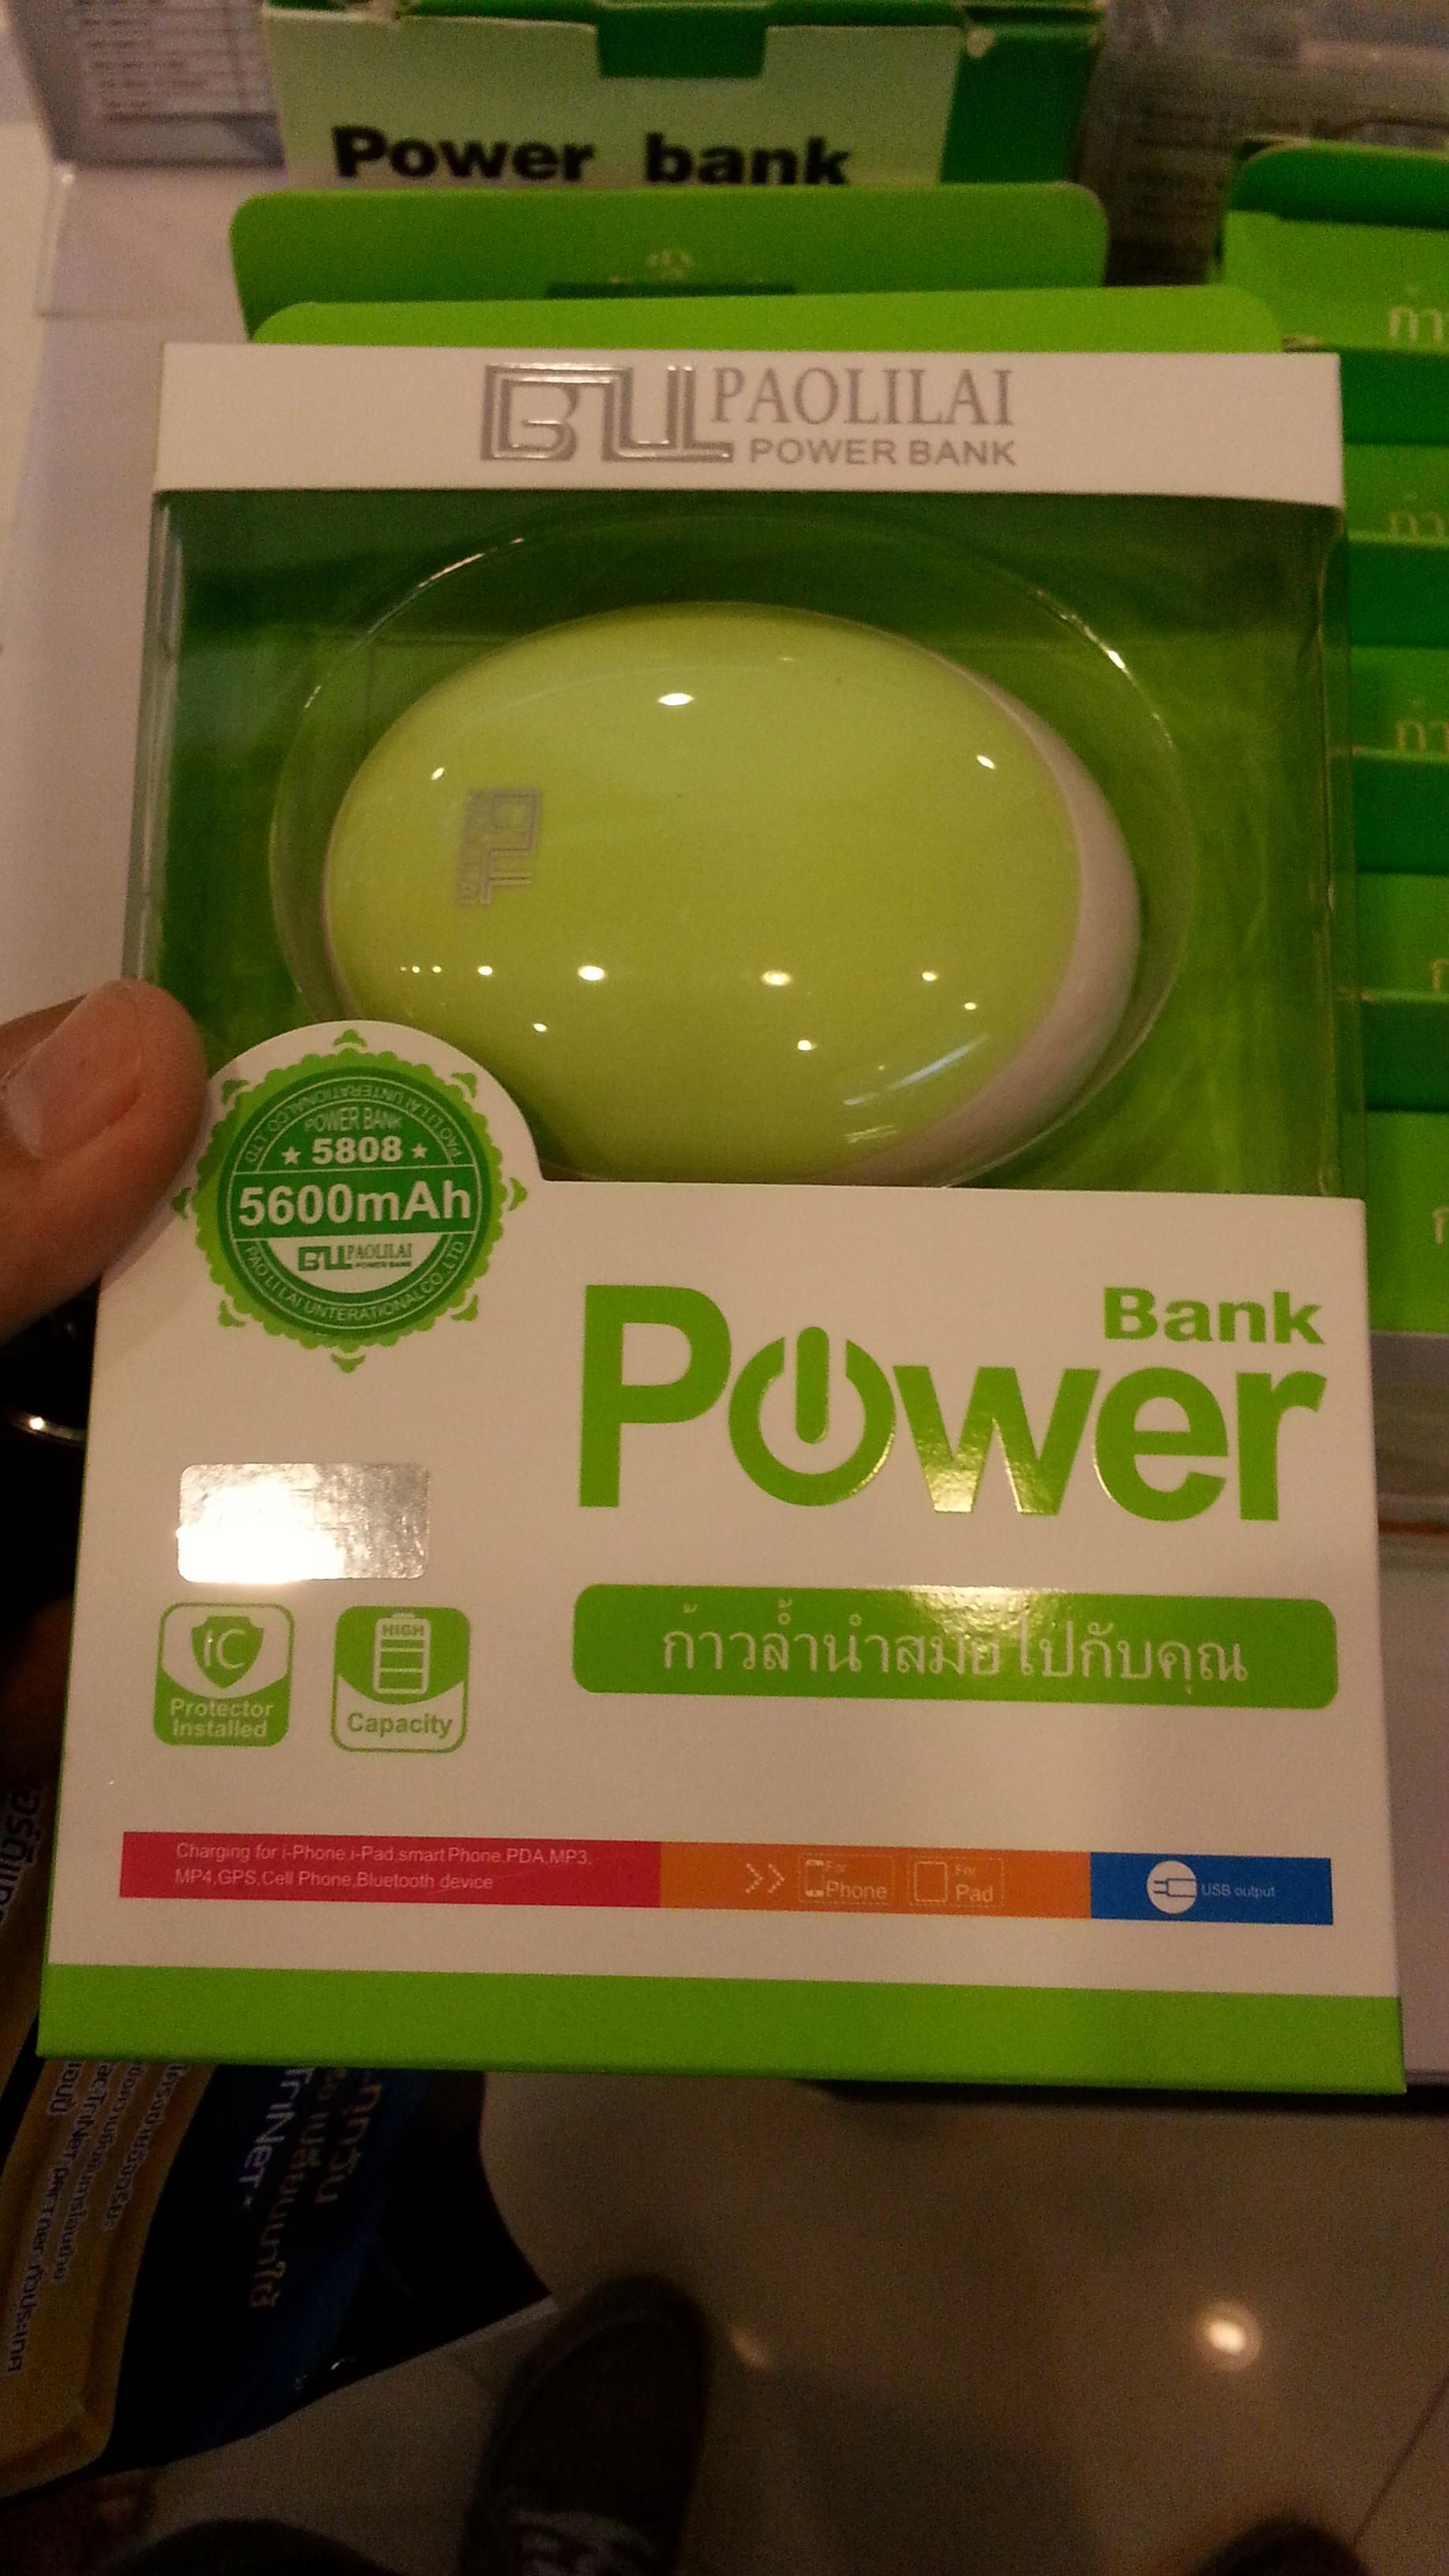 แบตสำรอง 5600mAh bll paolilai power bank สีเขียว